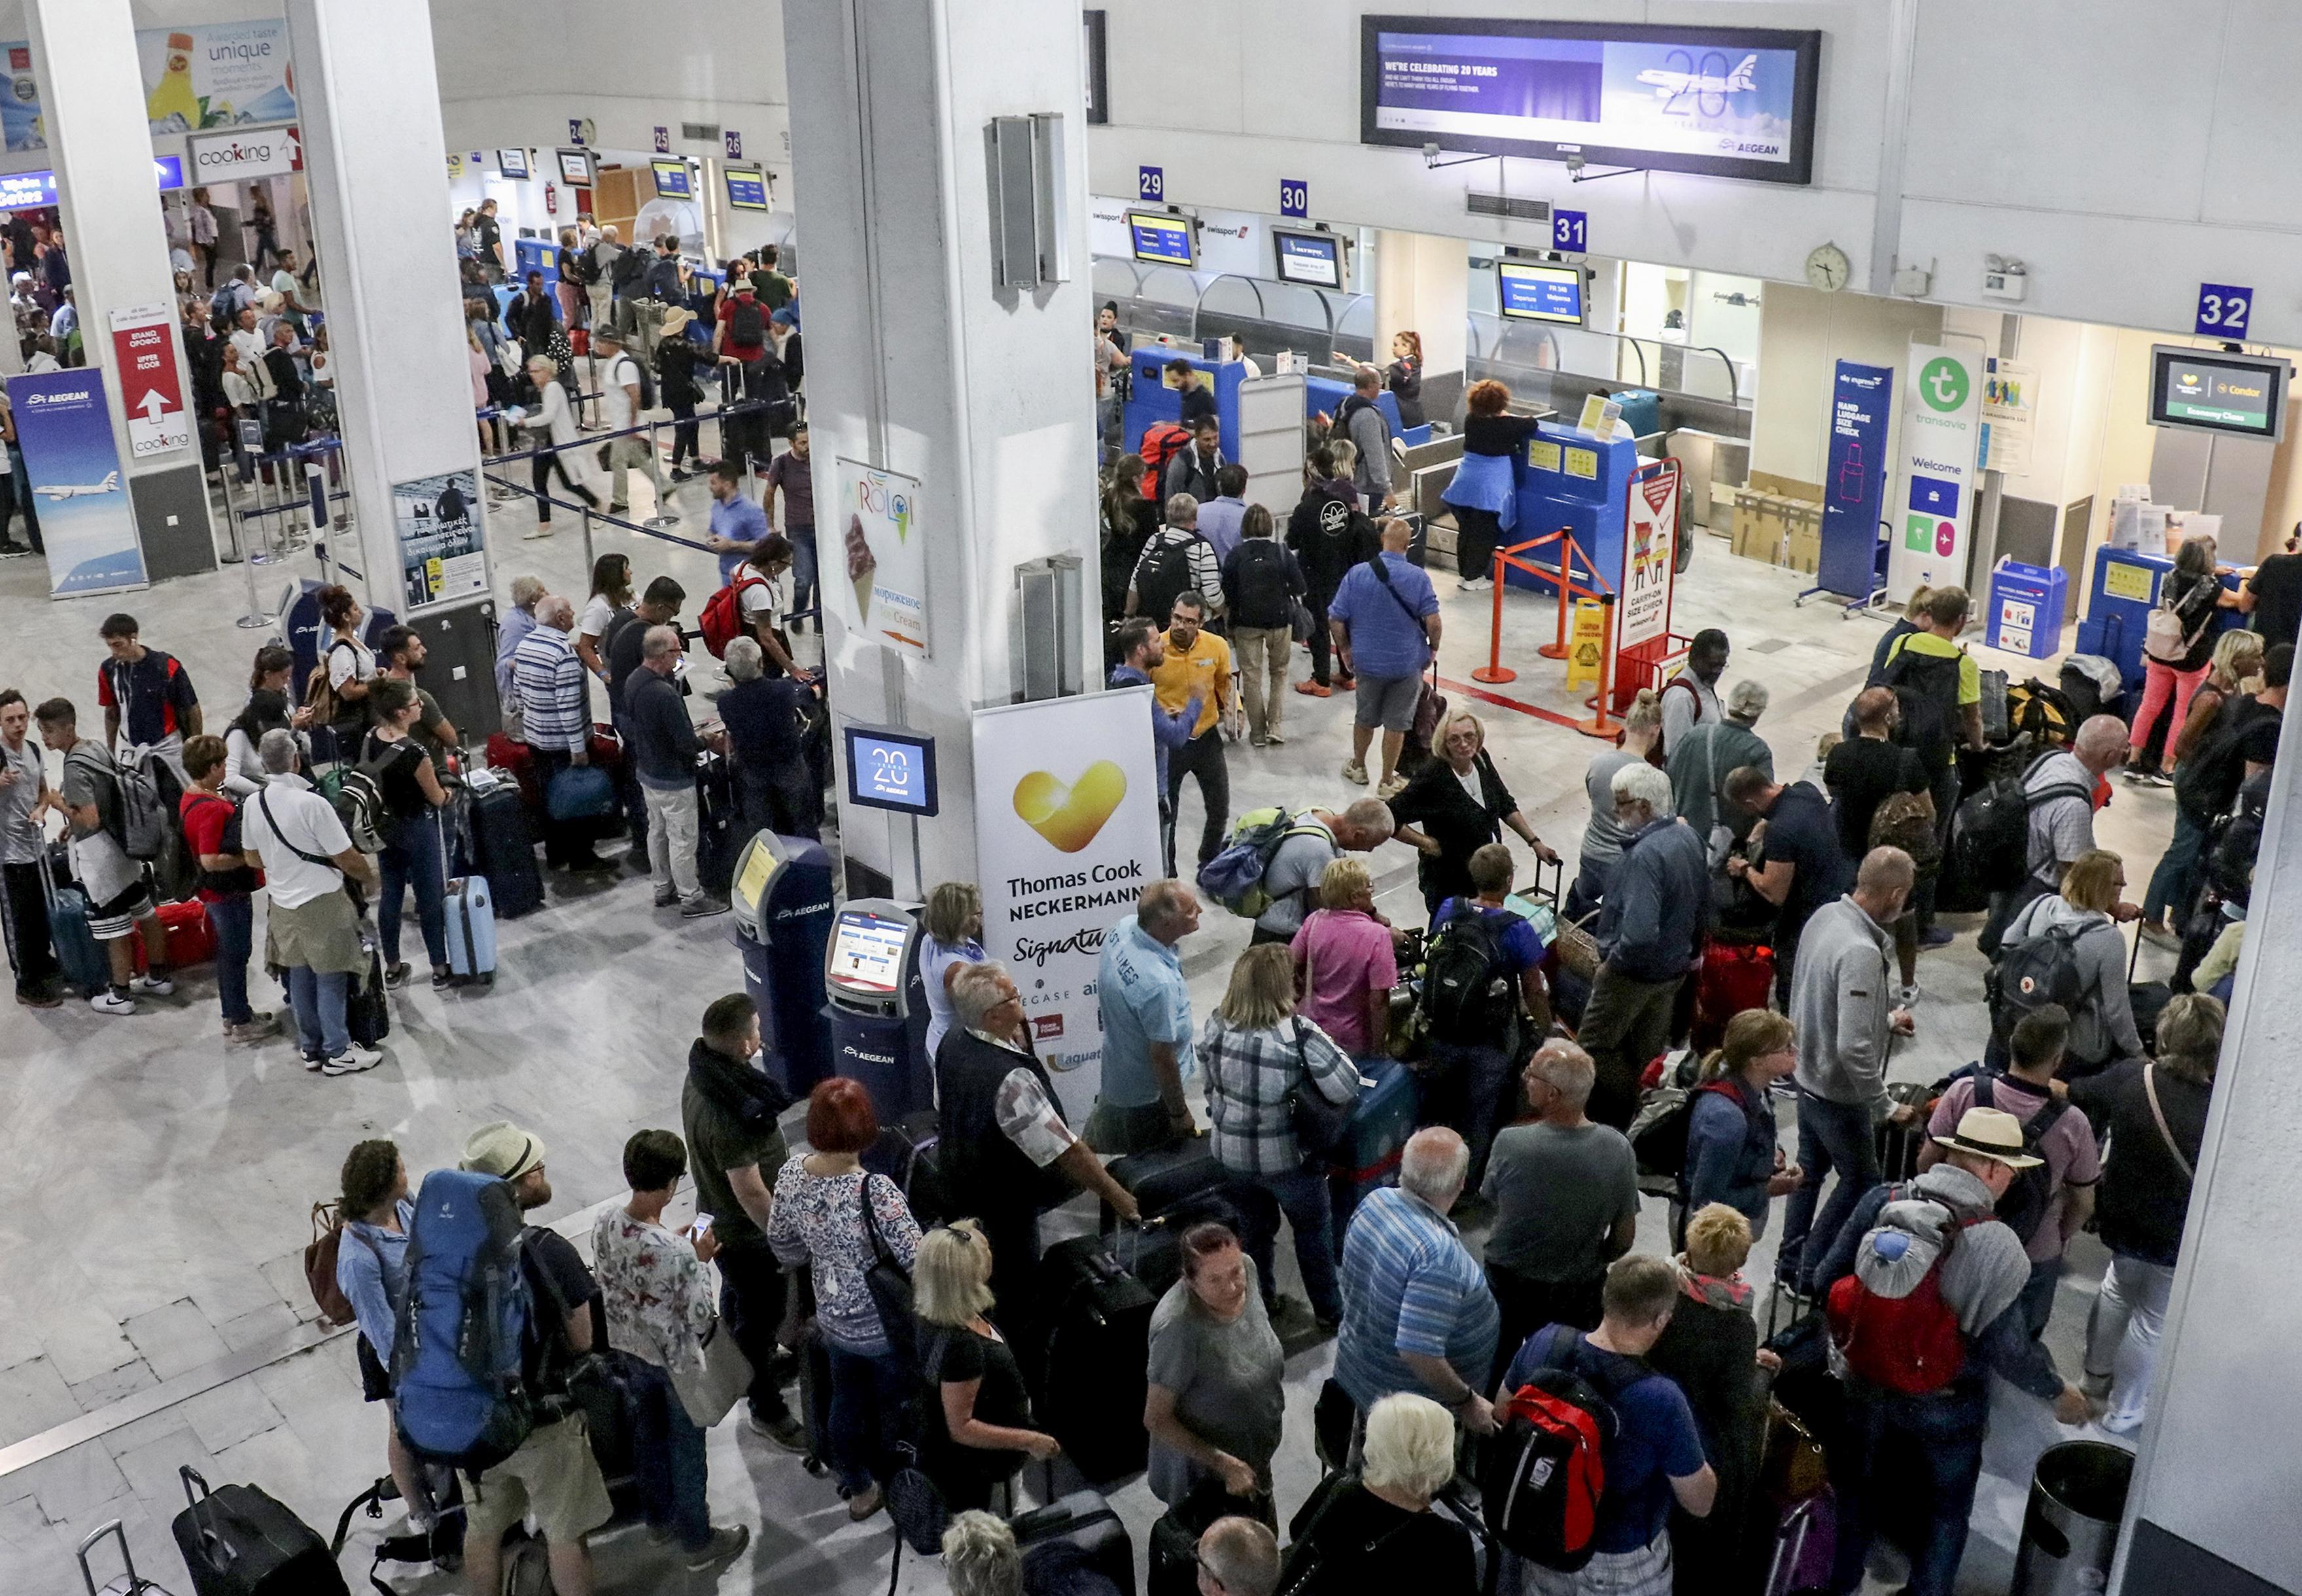 مسافرون عبر شركة توماس كوك عالقون في مطار هيراكيلون في اليونان